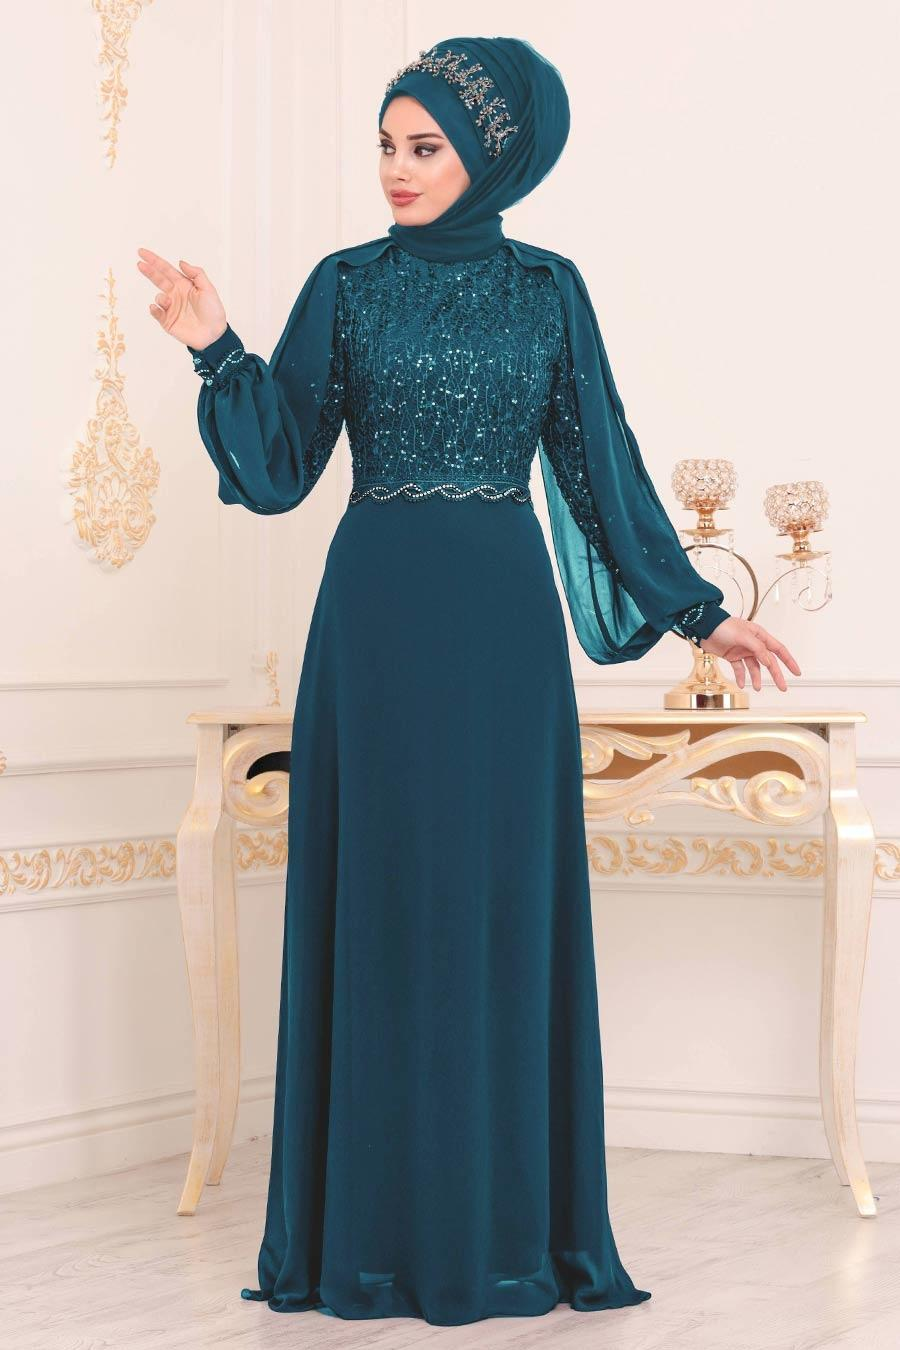 Nayla Collection - Pul Detaylı İndigo Mavisi Tesettür Abiye Elbise 25736IM